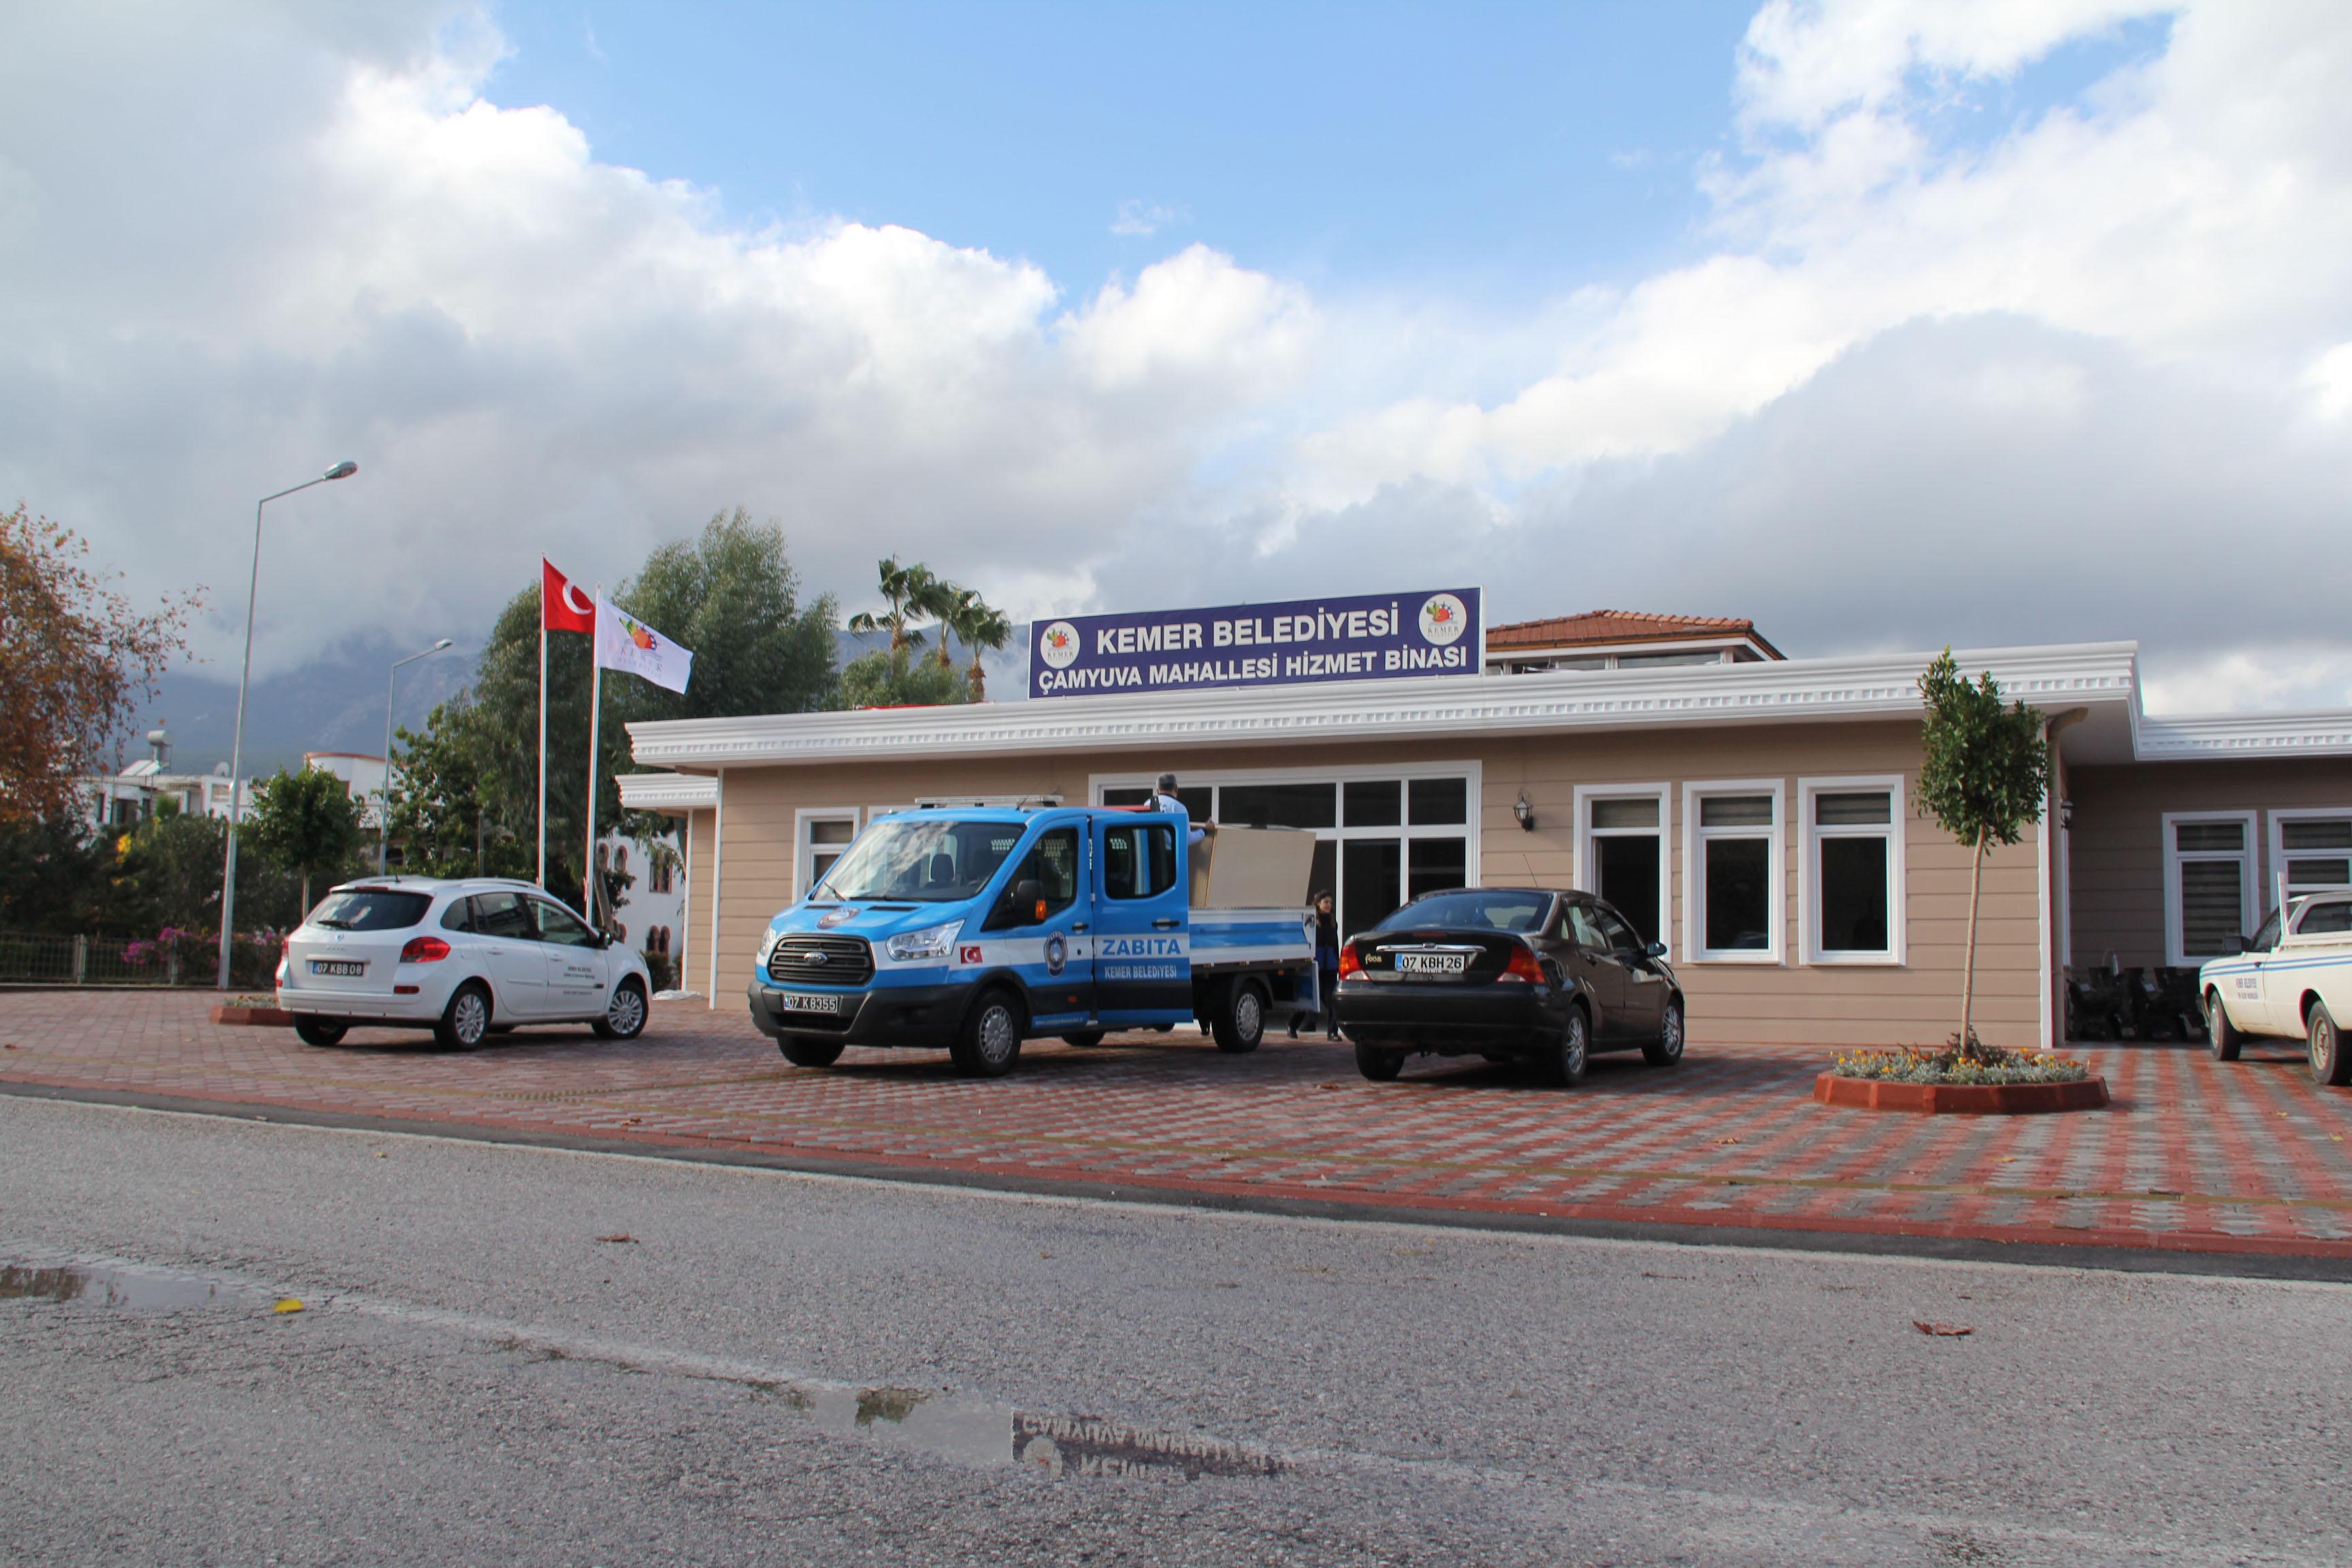 Çamyuva Mahallesi Hizmet Binası Açılyor